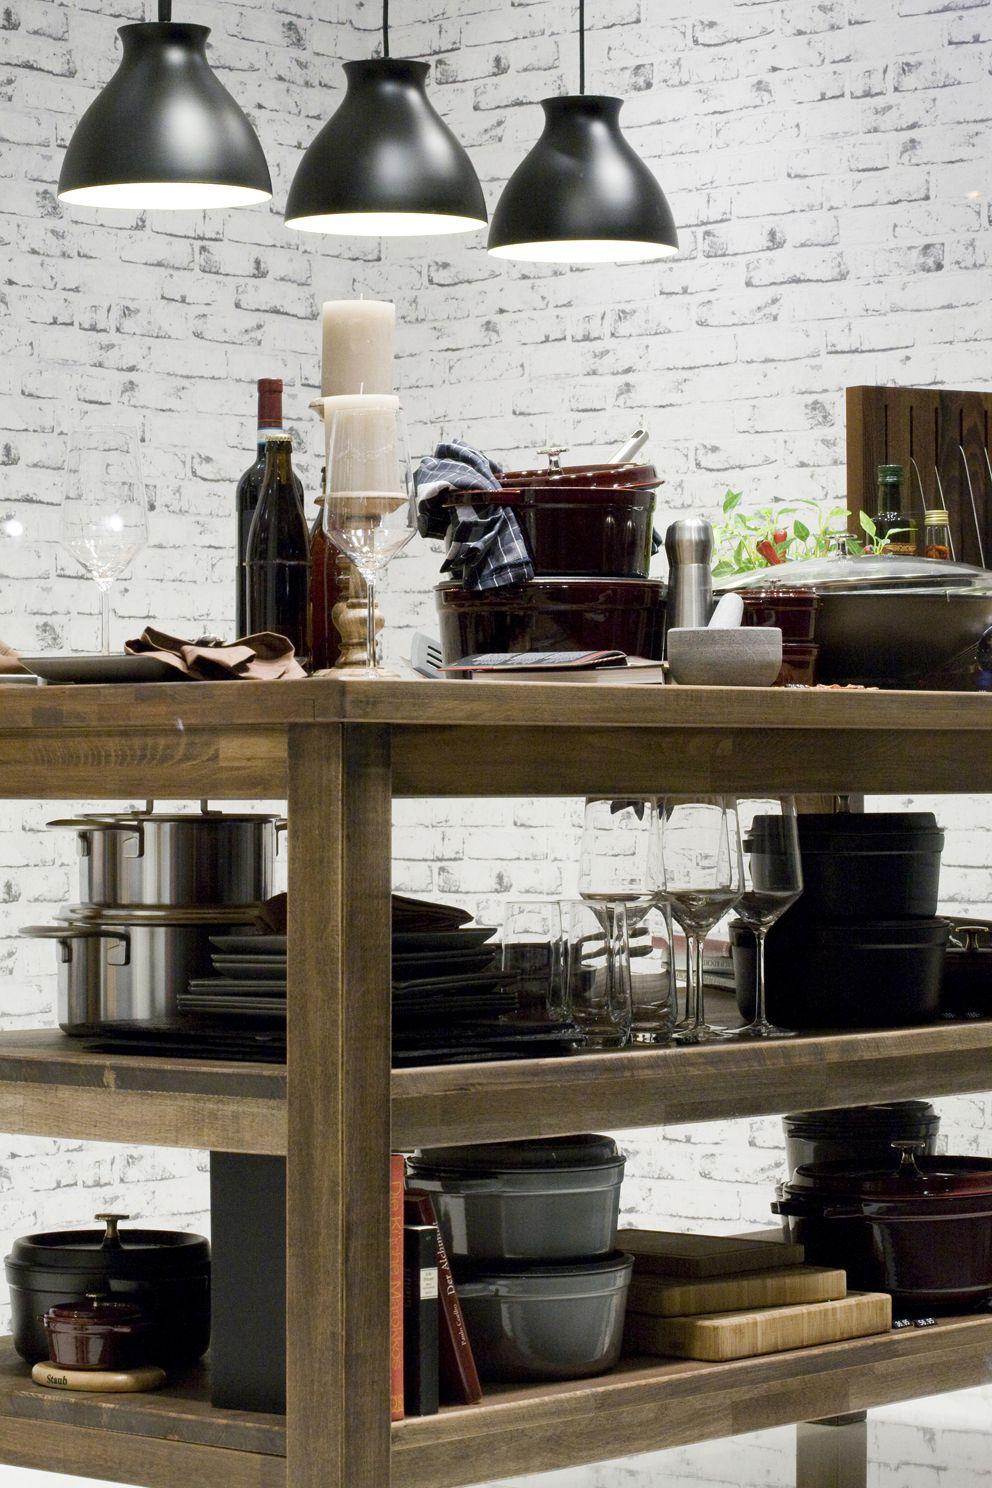 servierwagen mit kochutensilien fr die moderne wohnkche living kitchen - Moderne Kchen Mit